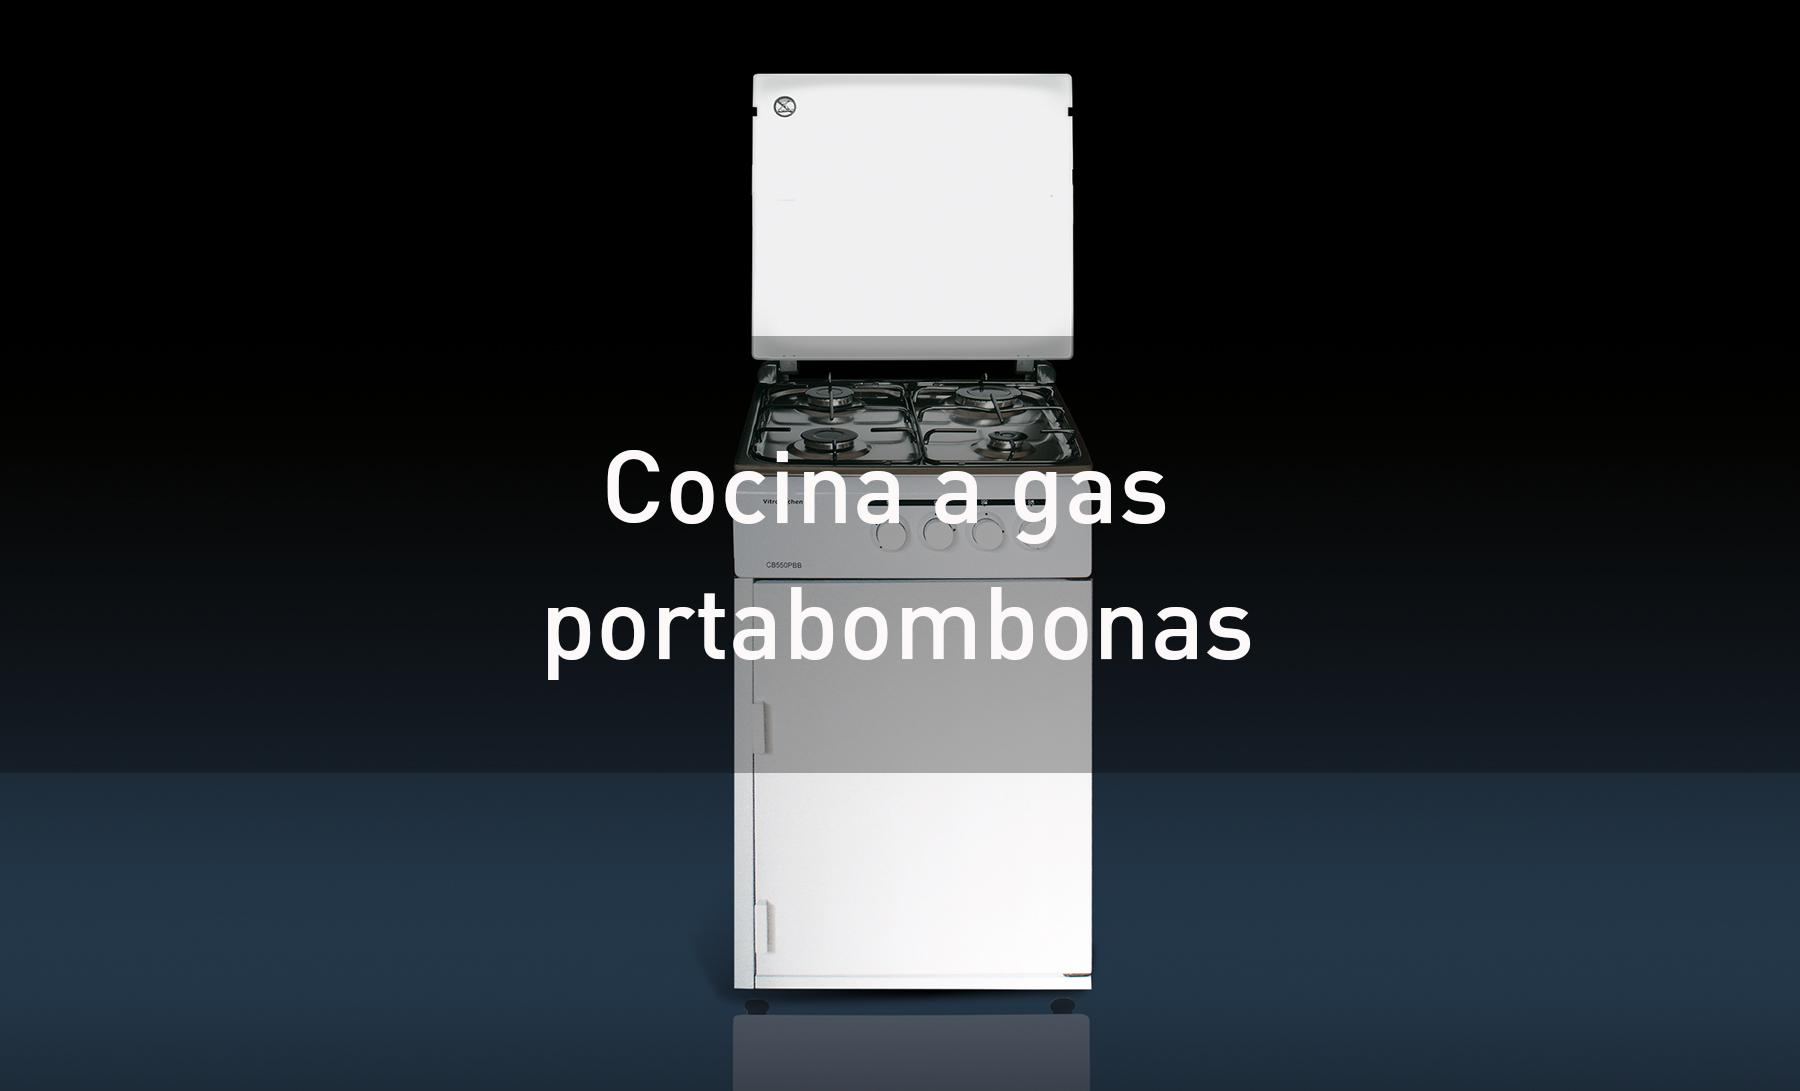 Cocinas de gas con portabombonas, butano